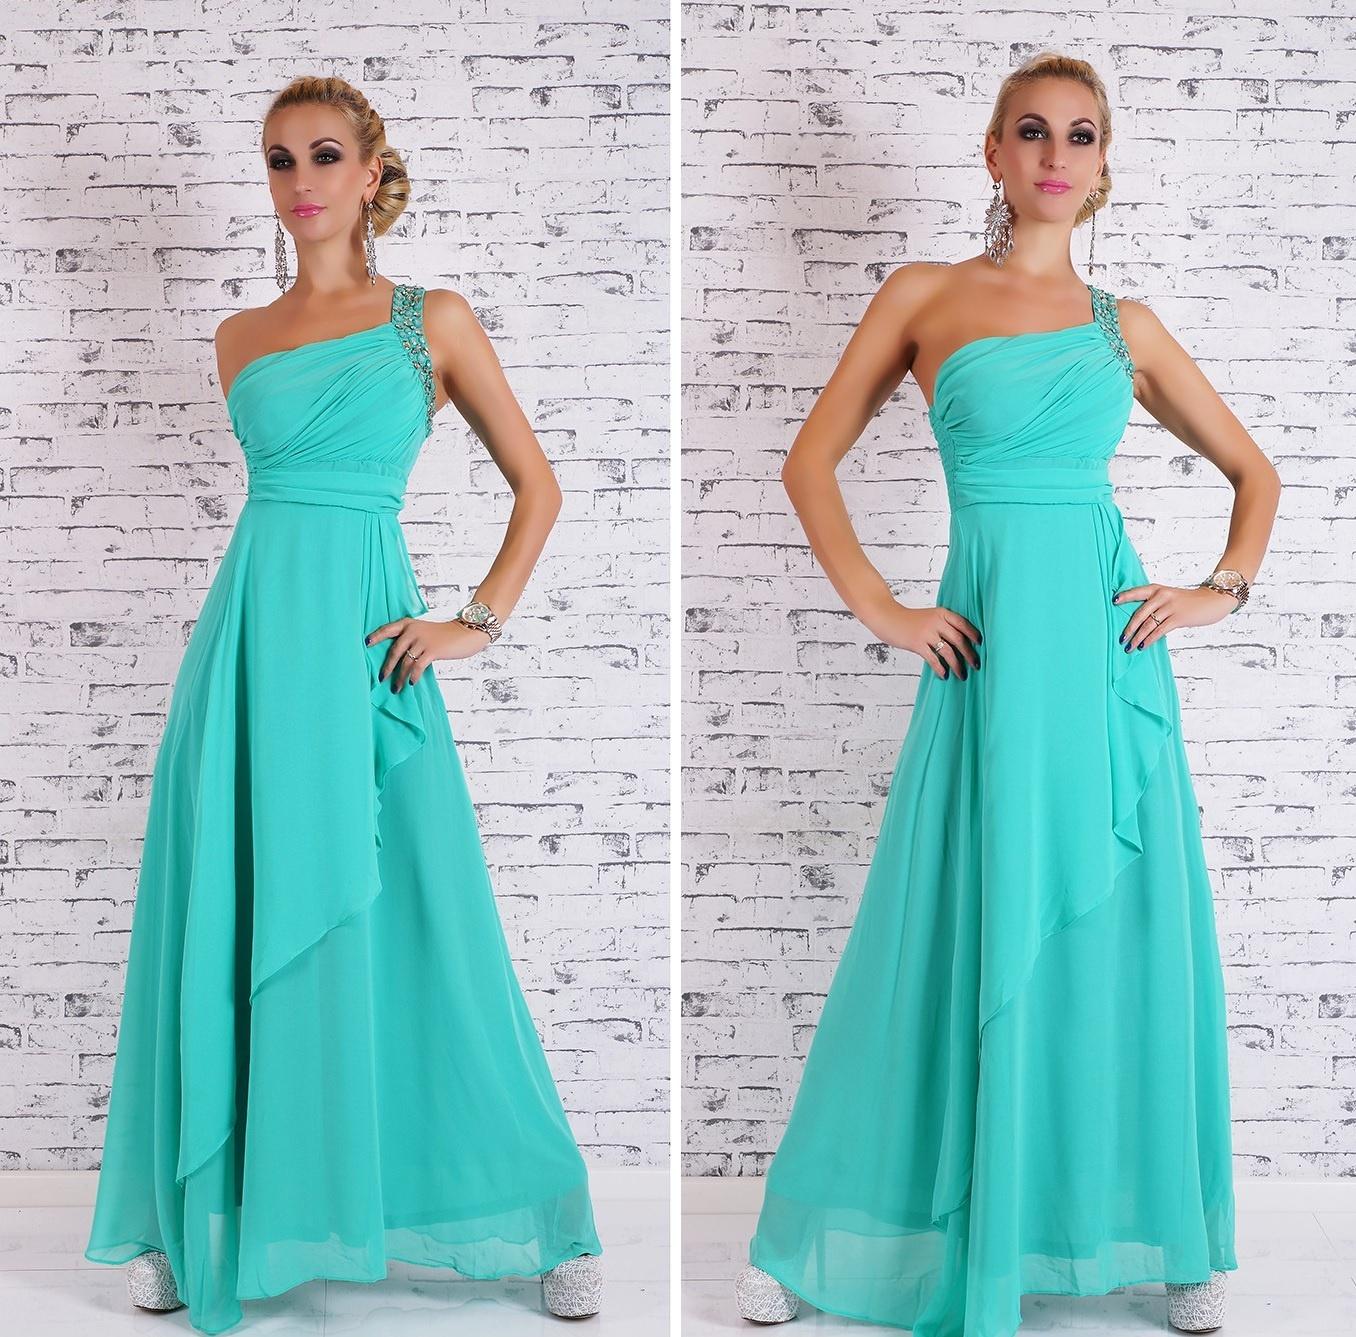 Dlouhé dámské společenské/plesové šaty - MINT - vel. S/M